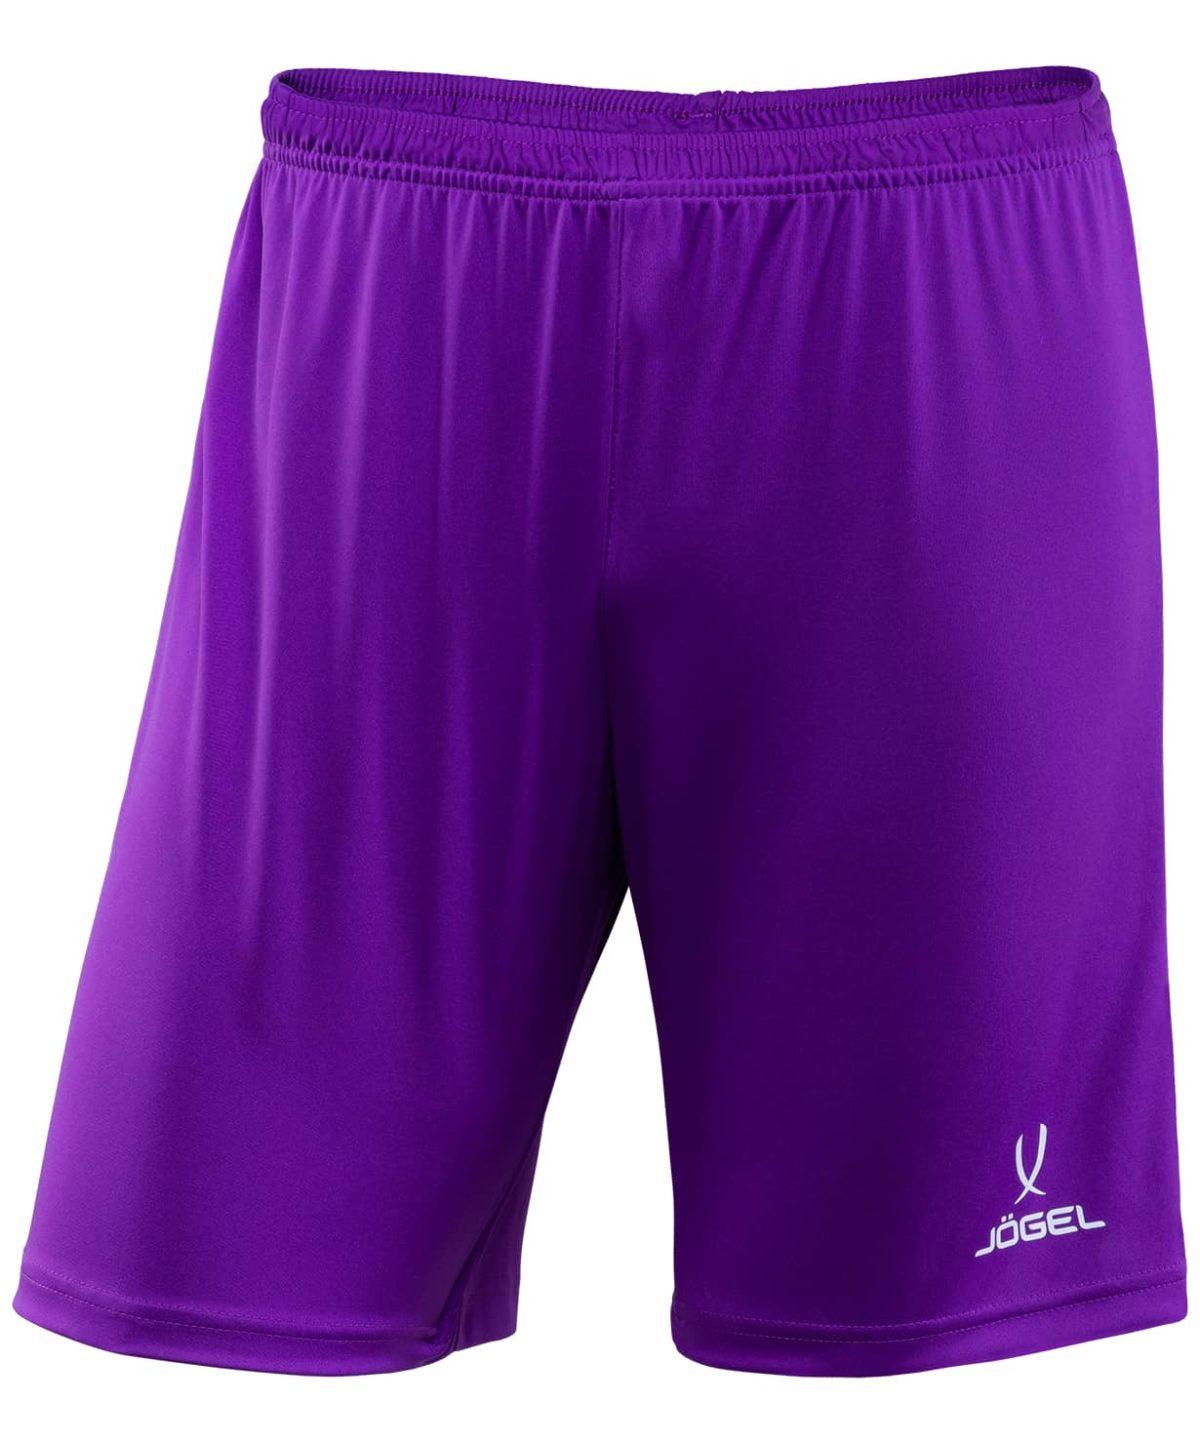 JOGEL CAMP Шорты футбольные, фиолетовый/белый  JFT-1120-V1 - 1